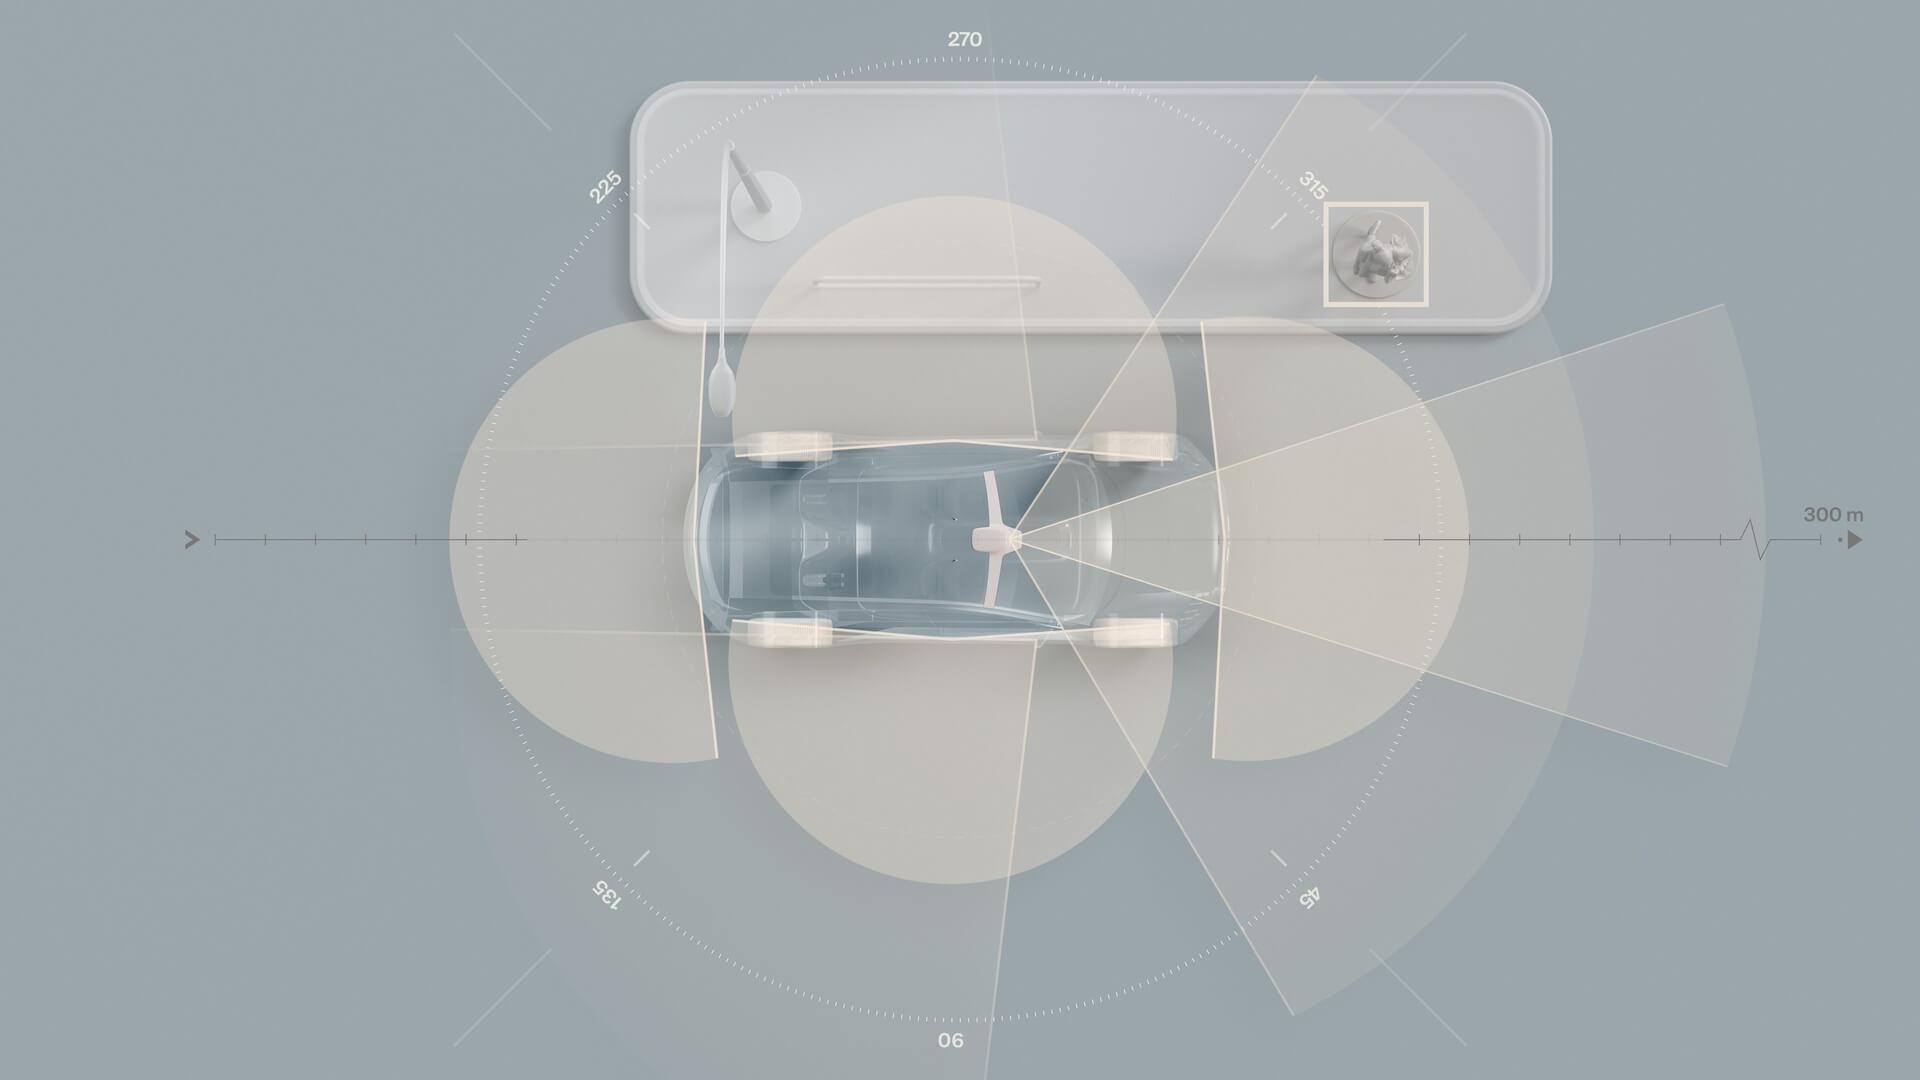 Камеры на электрическом преемнике Volvo XC90